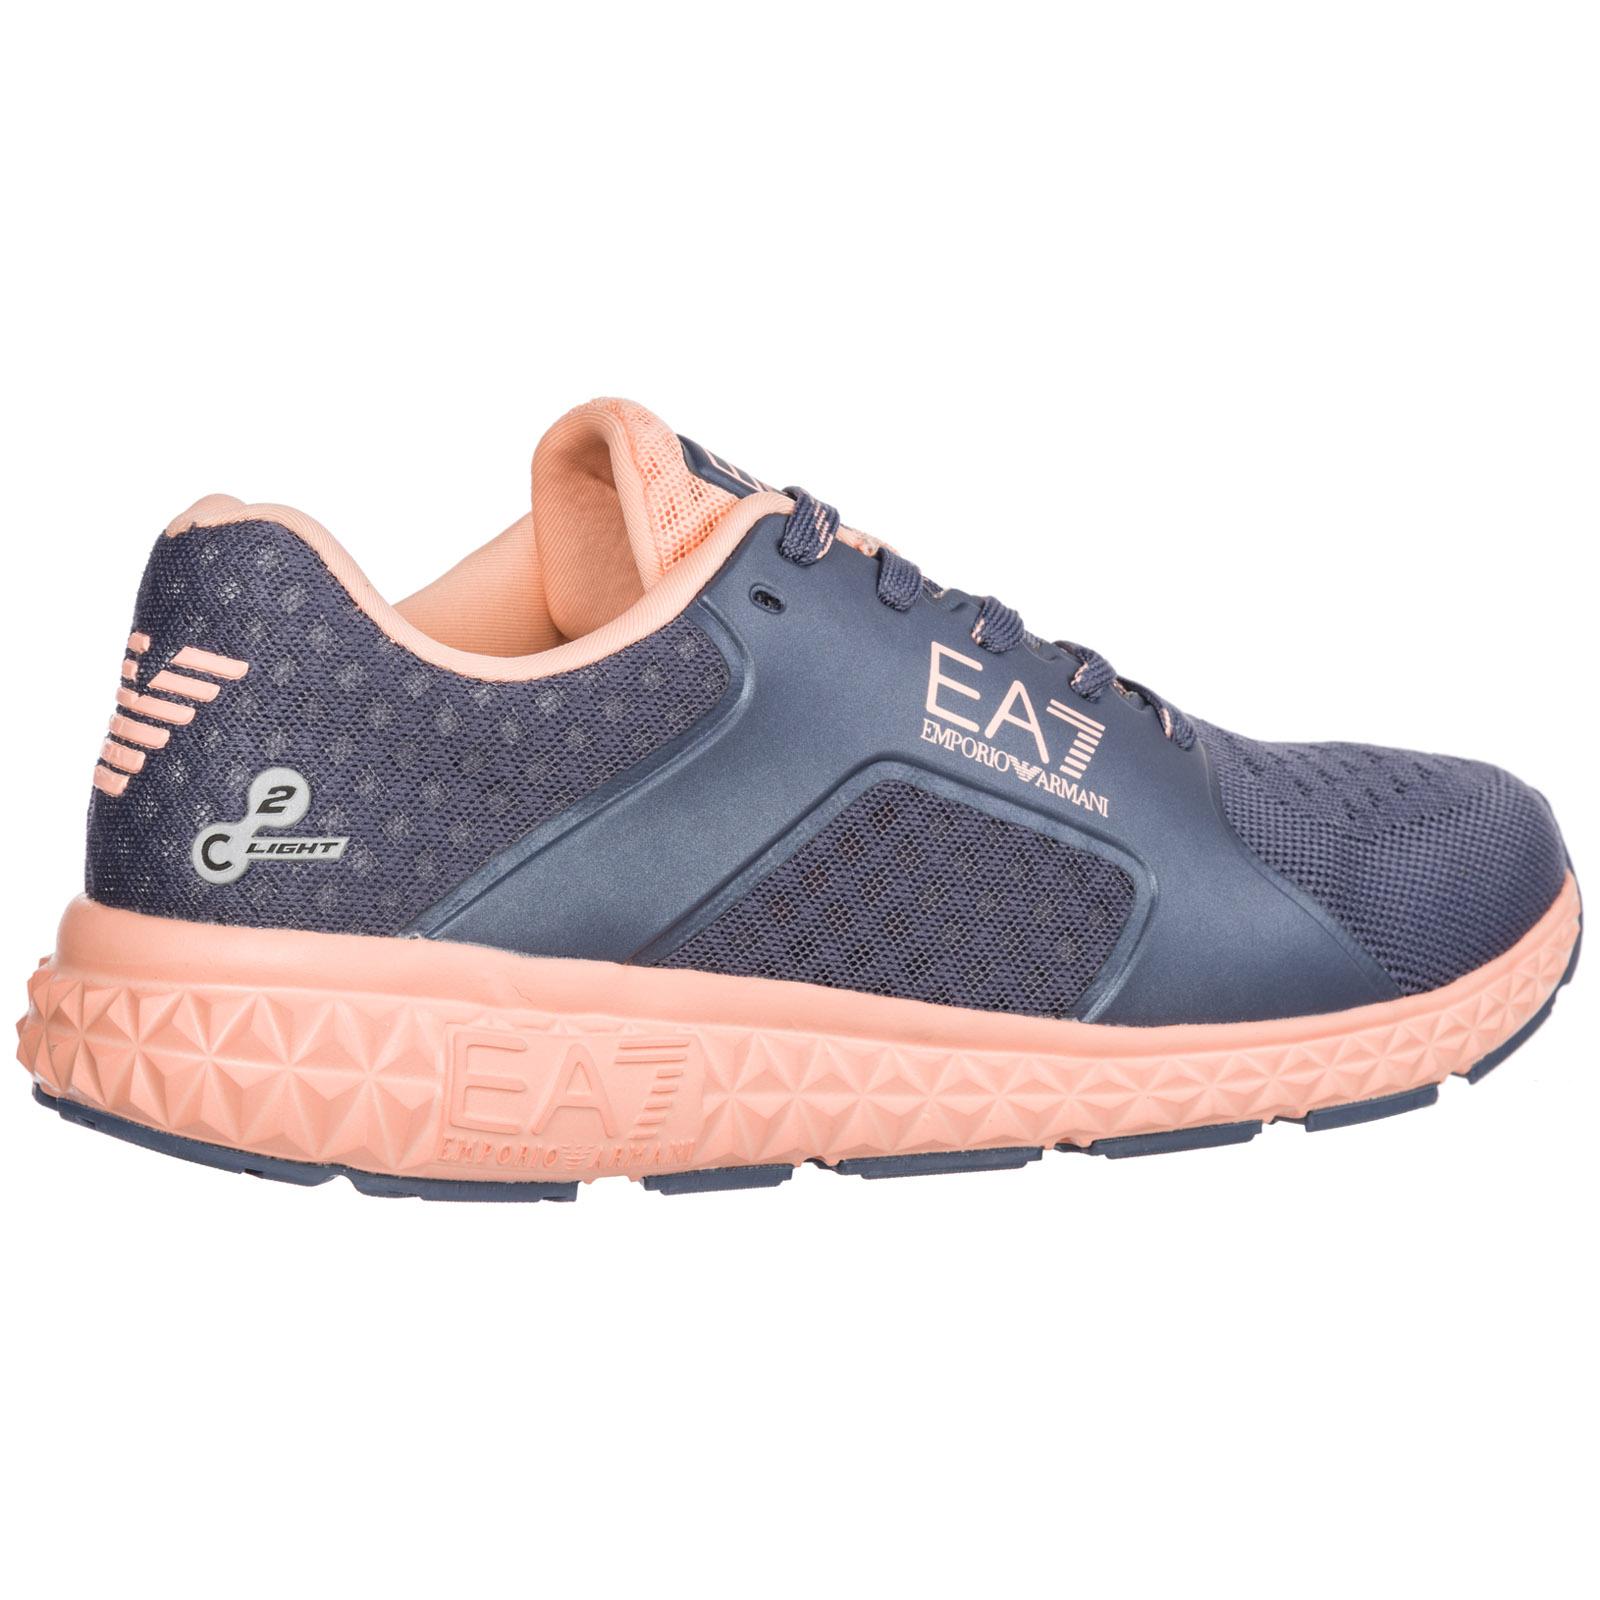 Schuhe Herren Sneakers Herrenschuhe Herren Herrenschuhe nPmOyvN80w